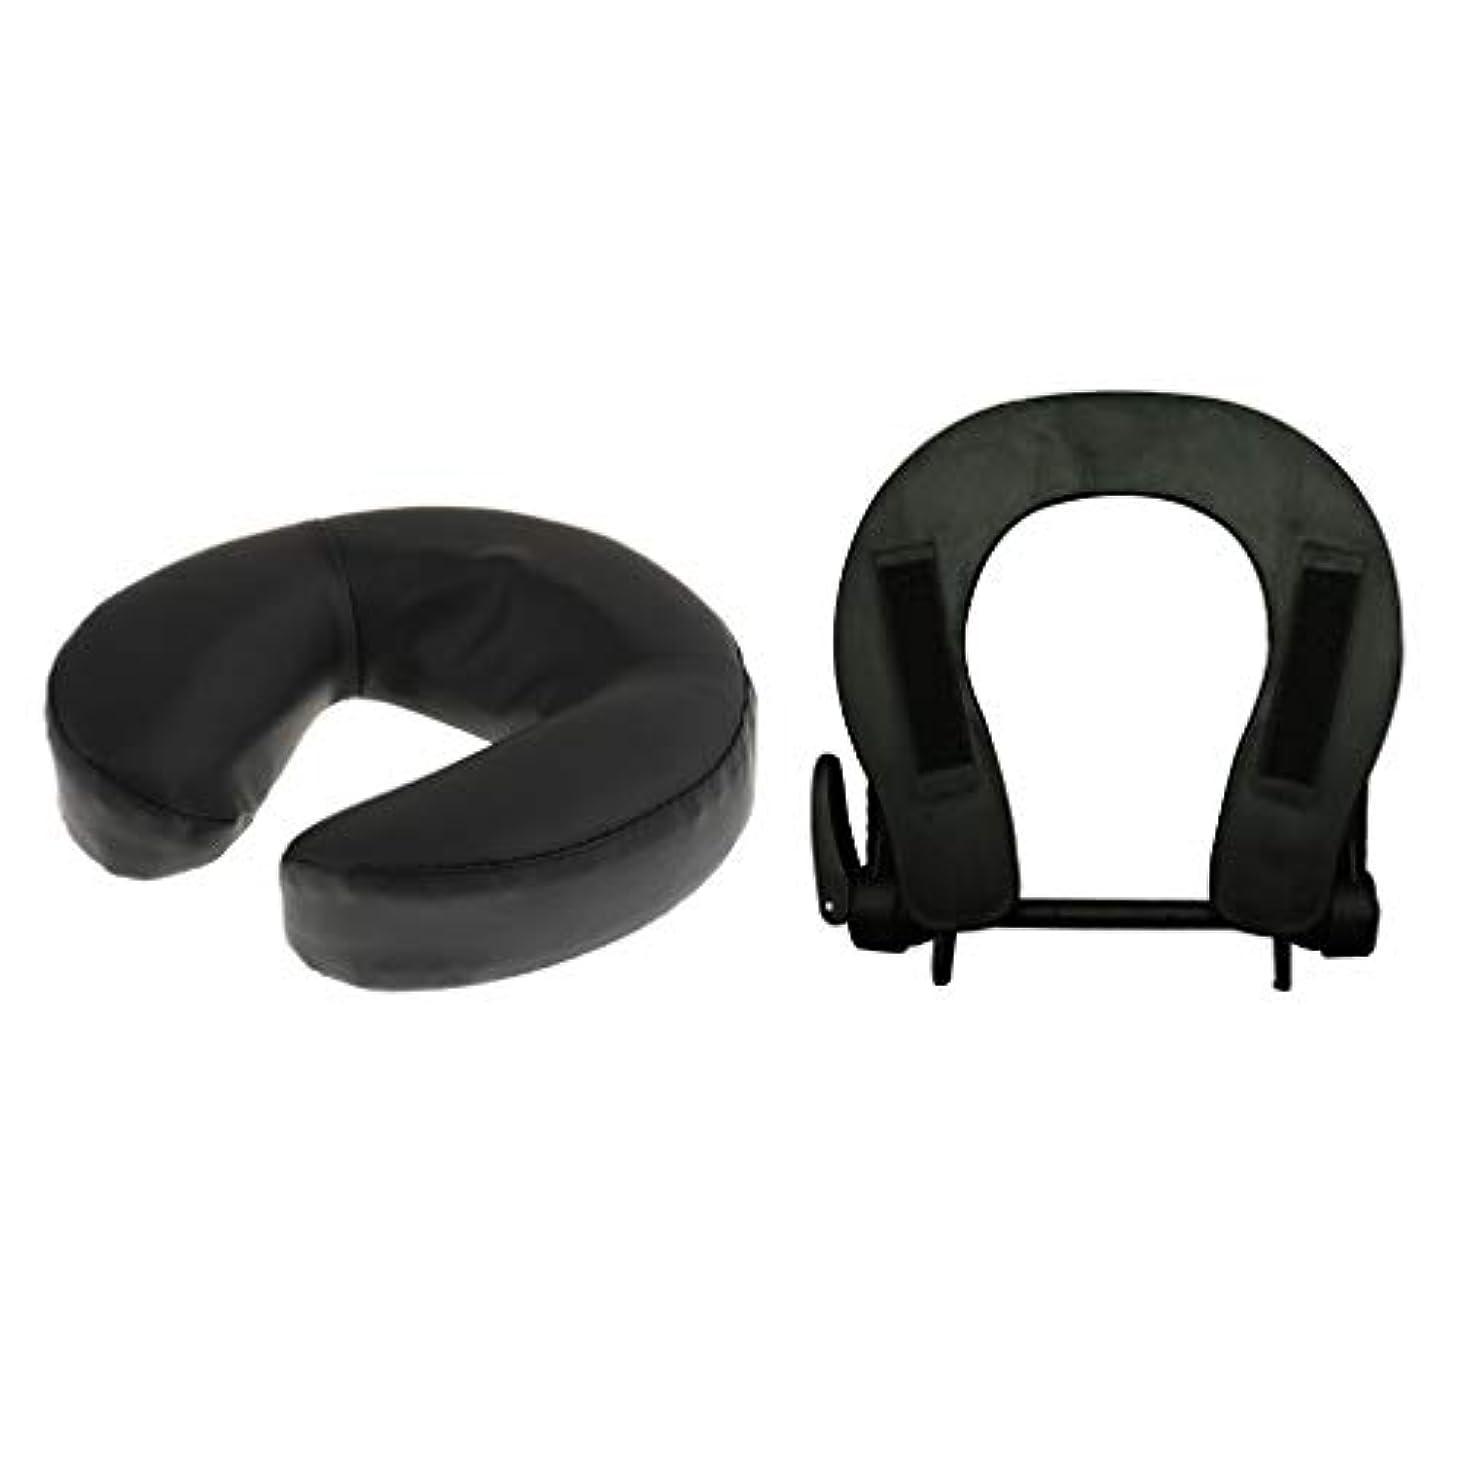 有能な複製する宇宙フェイスマット 顔マクラ マッサージ枕 顔枕 フェイスクレードル 調節可能 マッサージテーブル 汎用